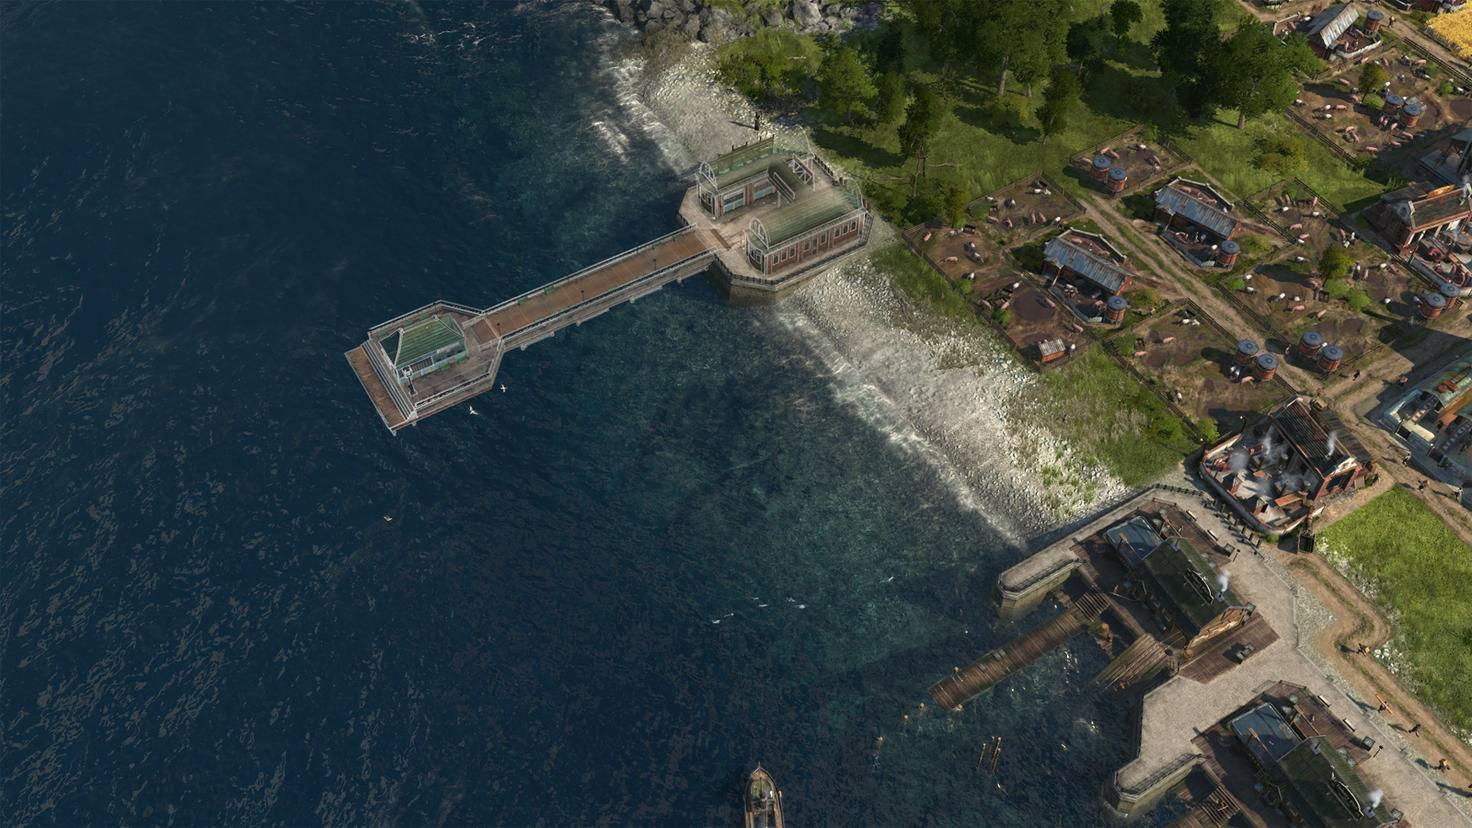 Am Pendlerkai halten Schiffe, um Arbeiter von einer auf die andere Insel zu transportieren.